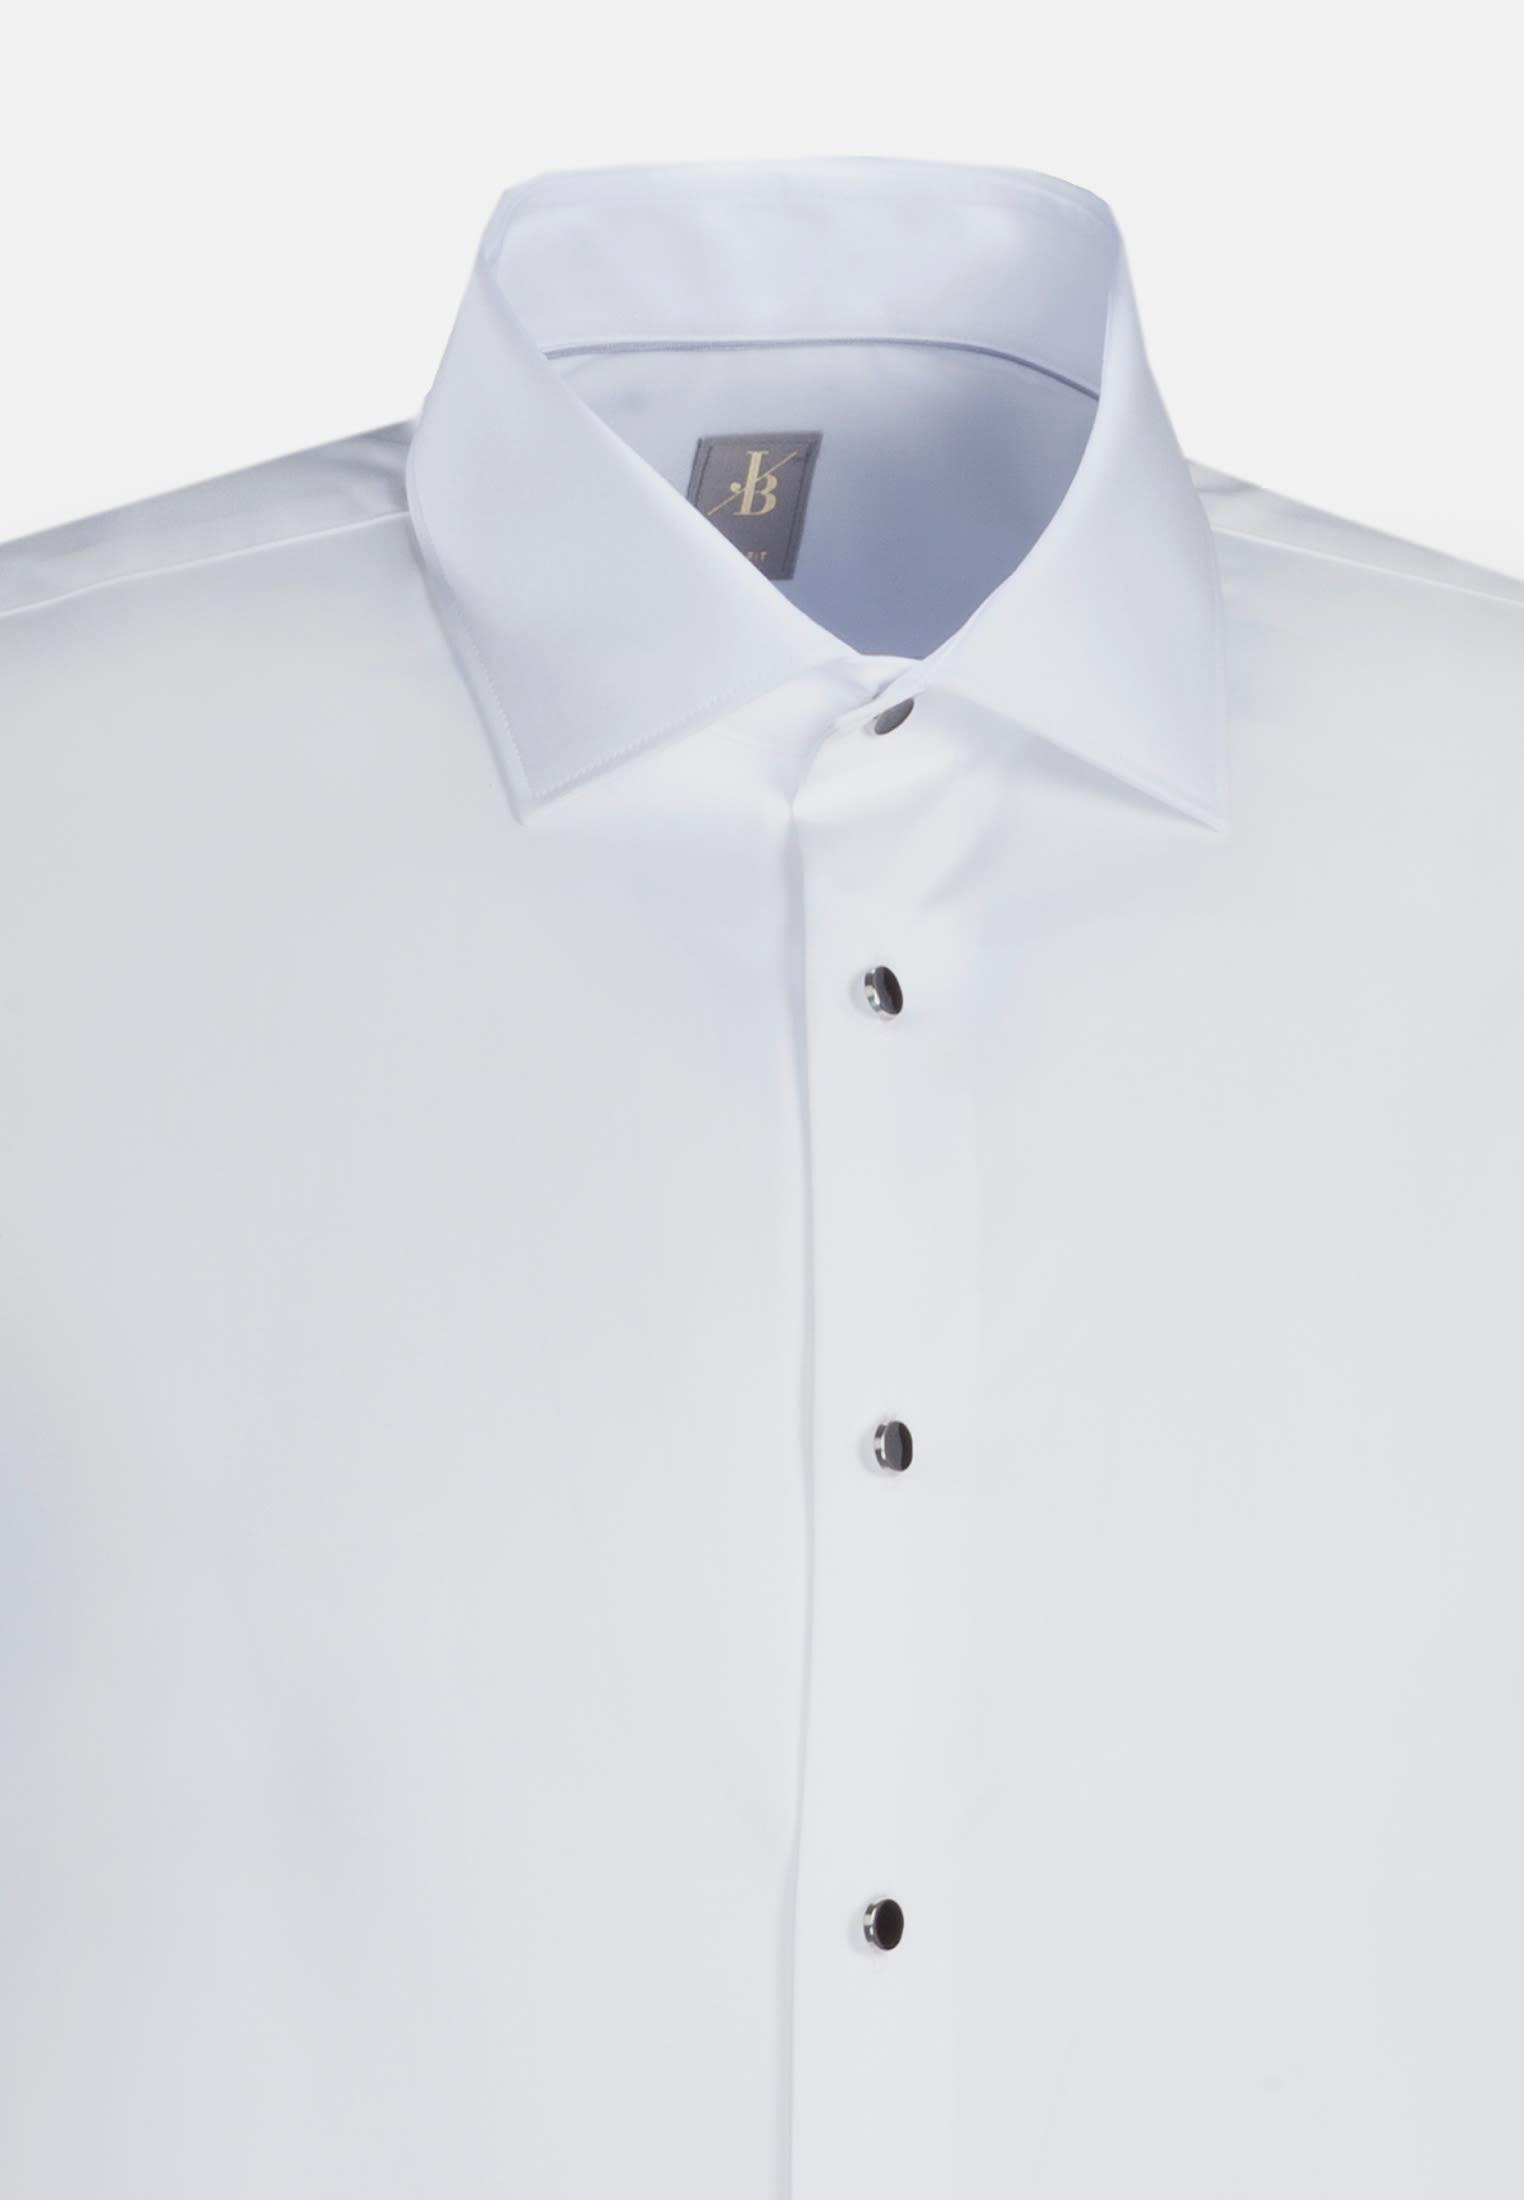 Popeline Smokinghemd in Slim Fit mit Kentkragen in Weiß |  Jacques Britt Onlineshop